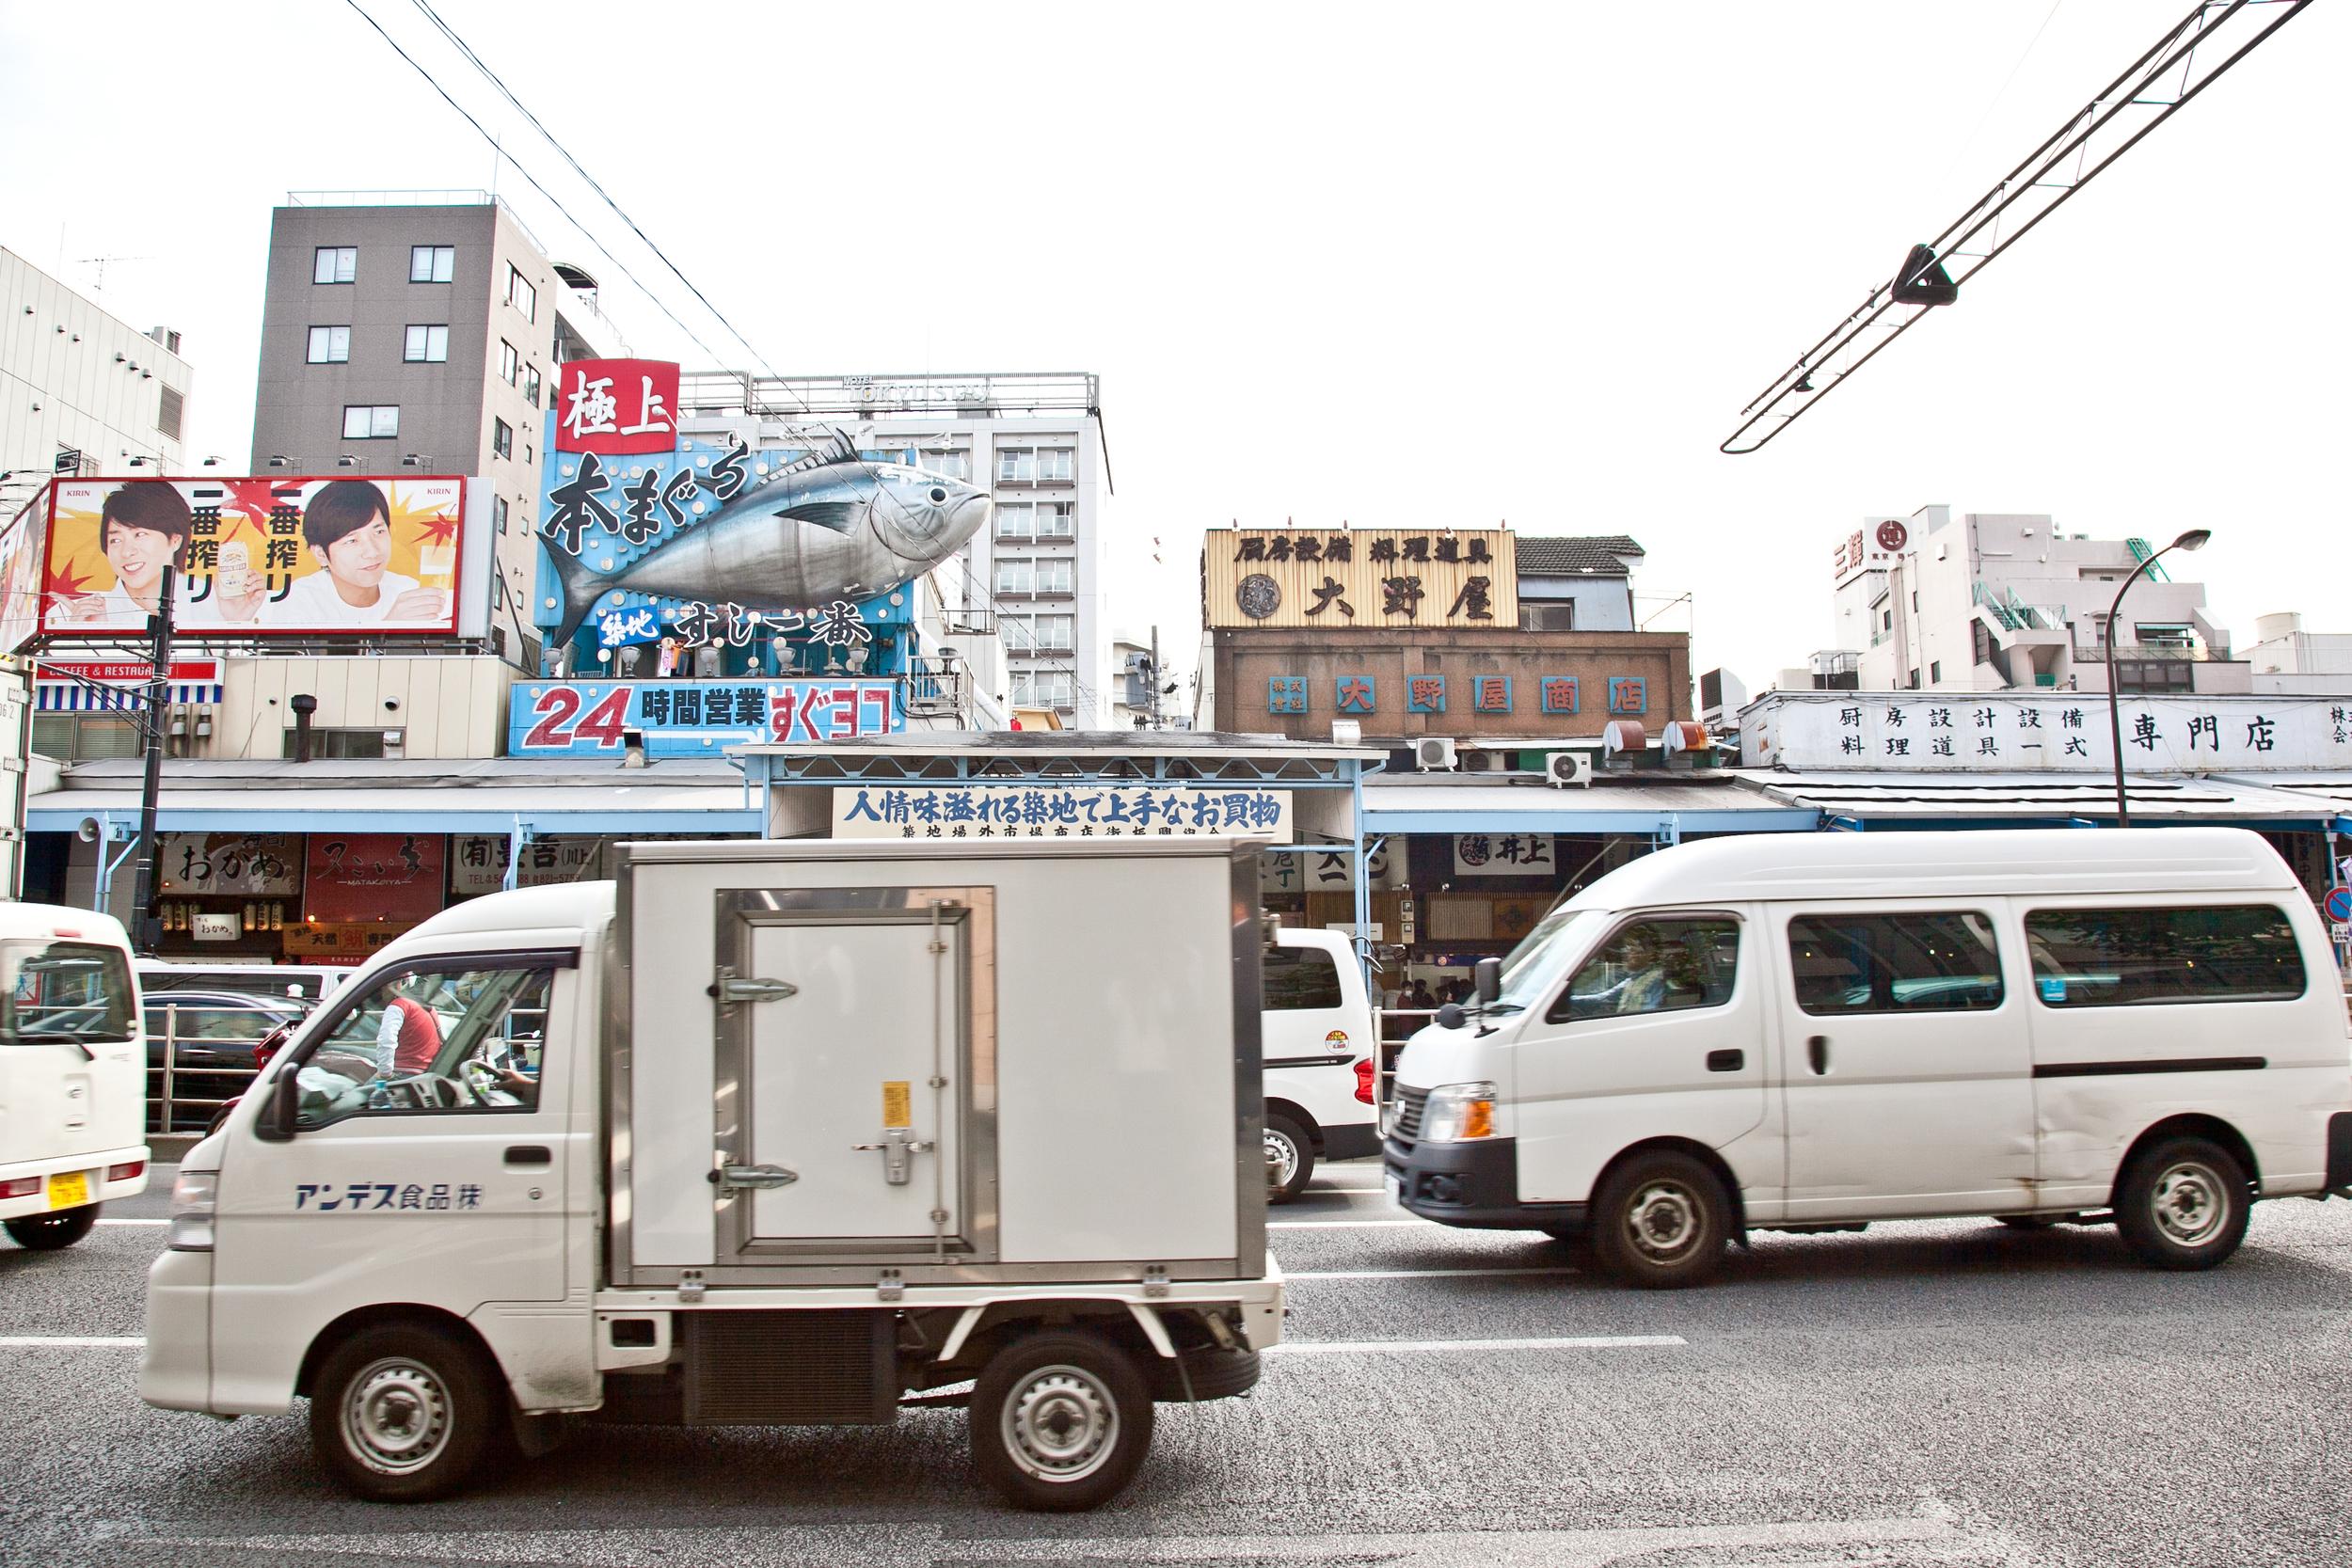 Outside  Tsukiji Fish Market